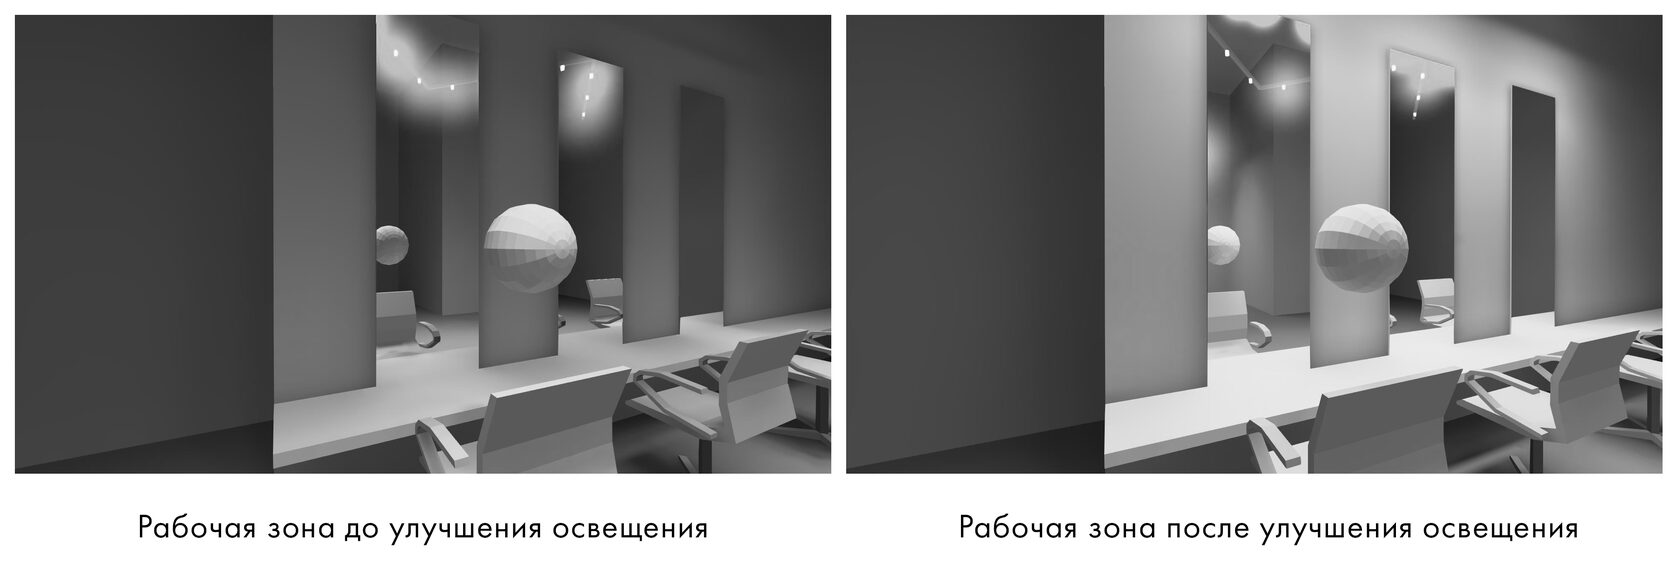 Освещение в парикмахерской зоне. Оценка качества освещения в зеркале